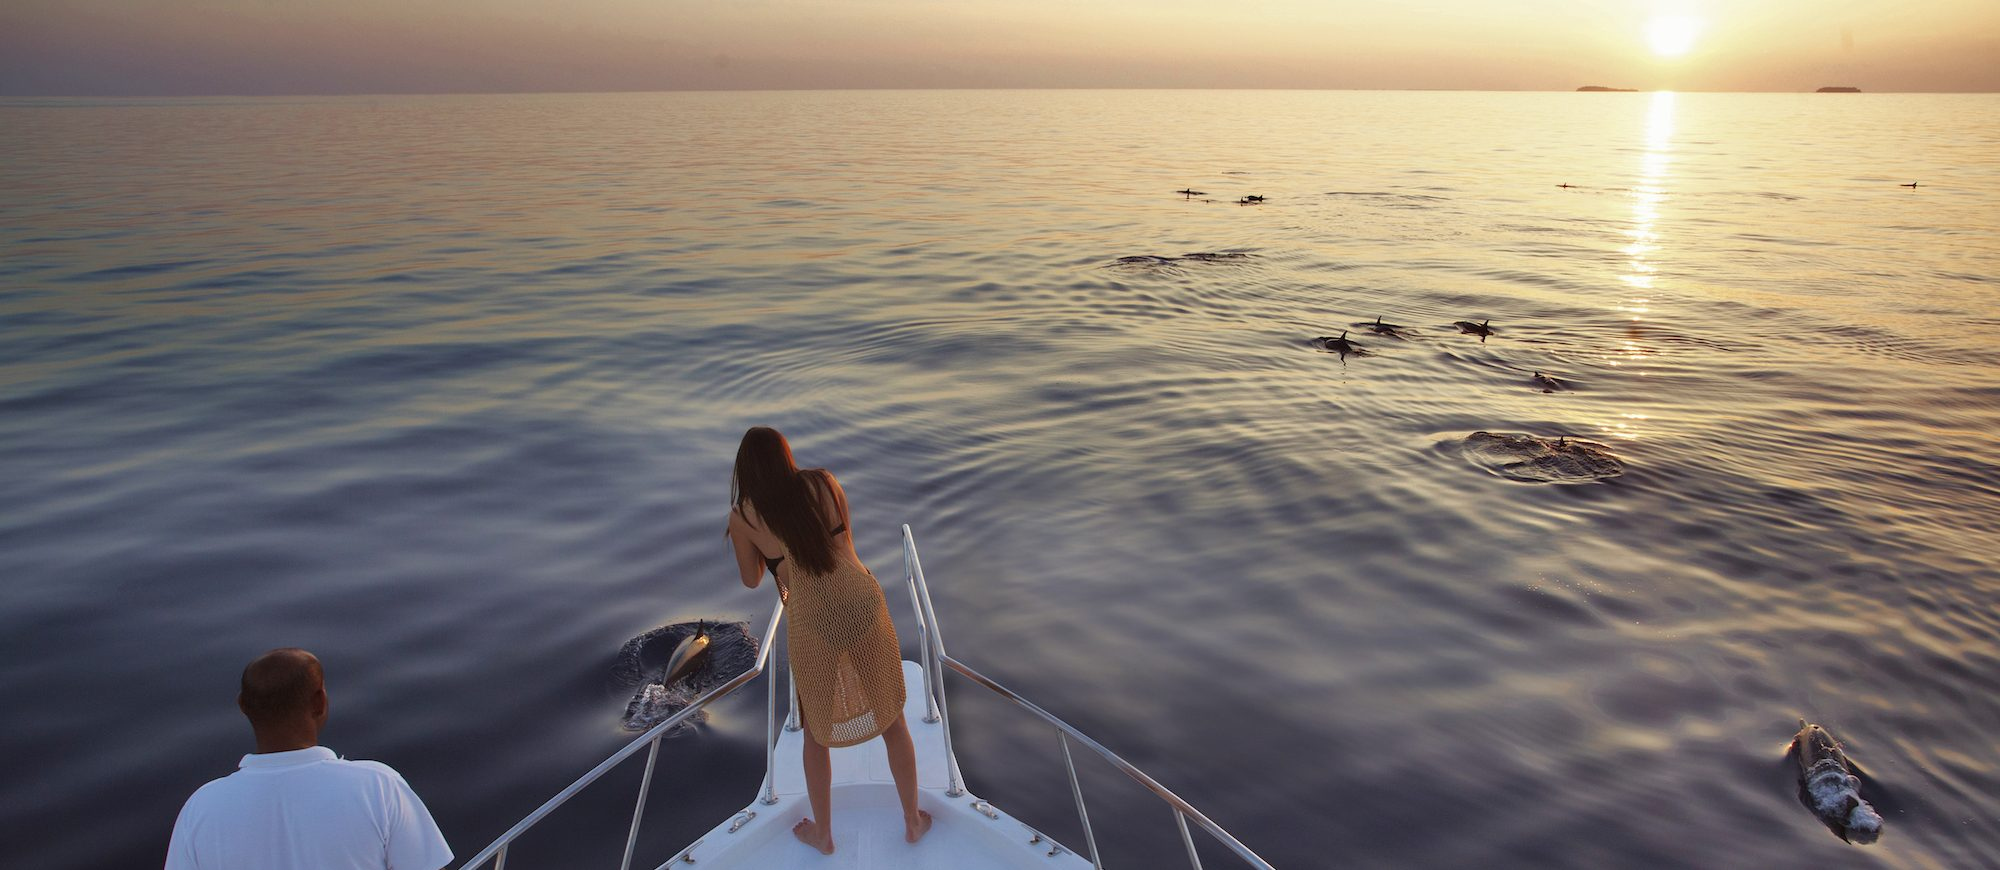 Soneva Fushi Resort Maldive